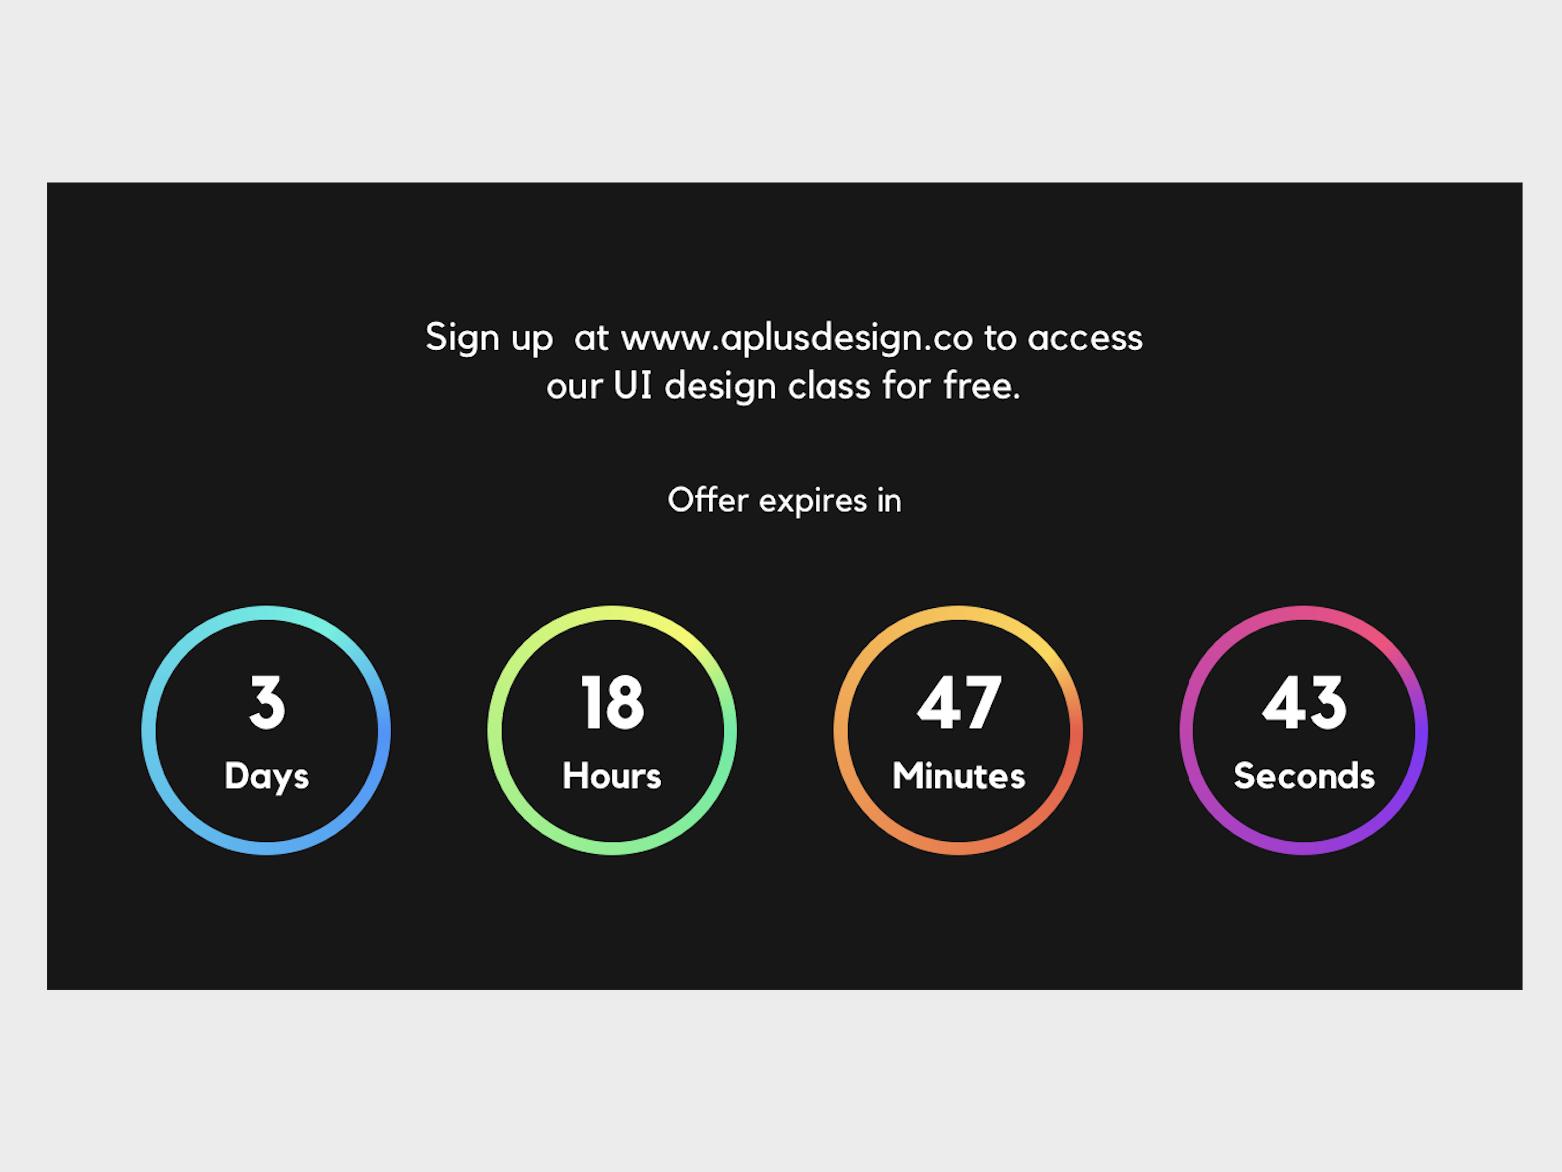 Countdown Timer UI Design - Dark Version countdown timer countdowntimer countdown timer daily ui challange ui design challenge daily ui ui design dailyui ui aplusdesign.co aplusdesign ui designer design